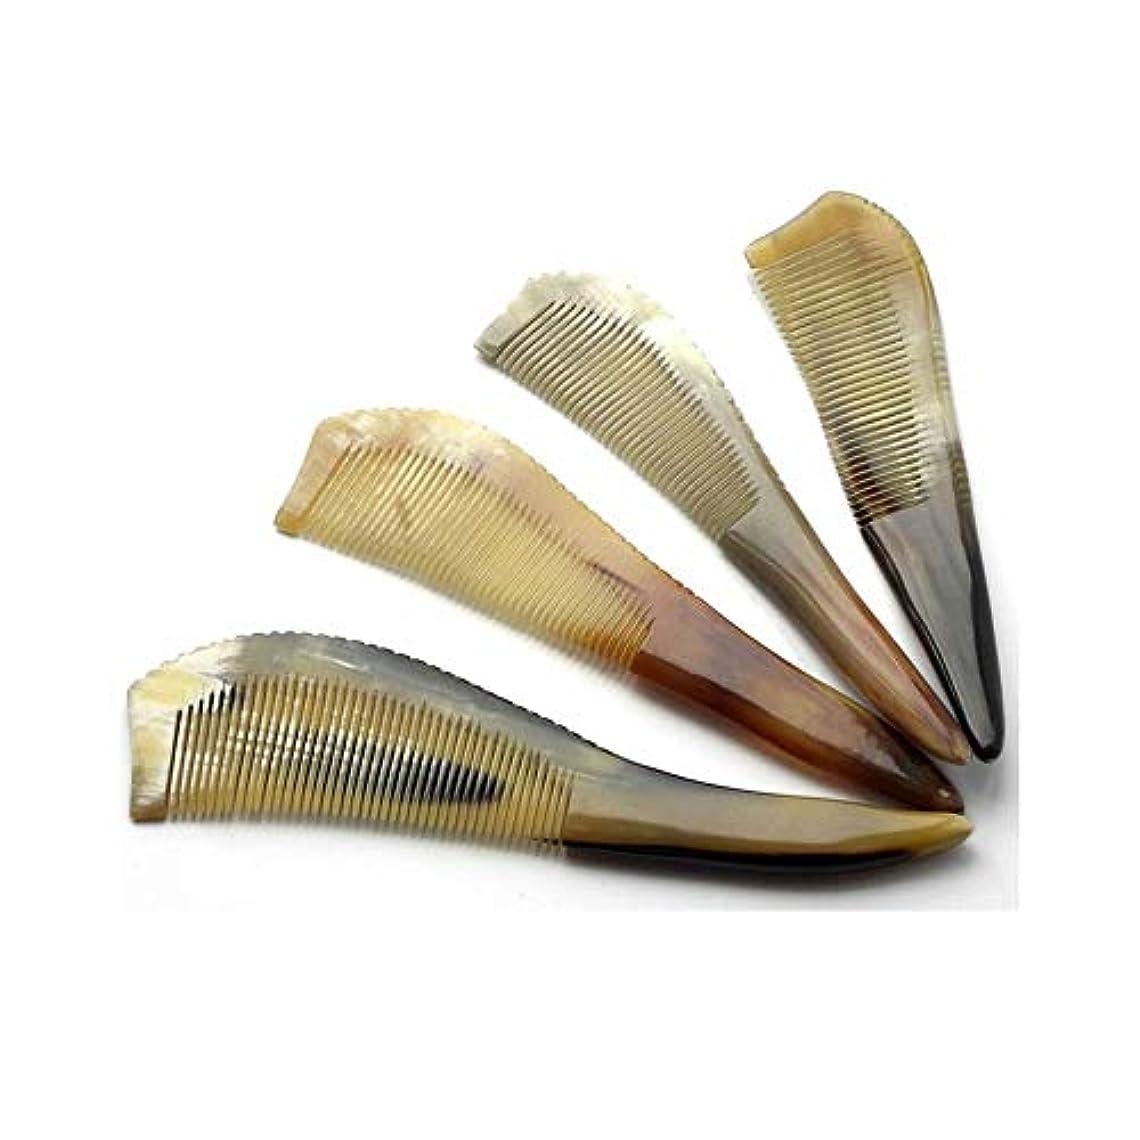 洗練不明瞭申し立てられたもつれ解除はありません静的ヘアコームファイン歯テールコームについてはFashianナチュラルバッファローホーンくし ヘアケア